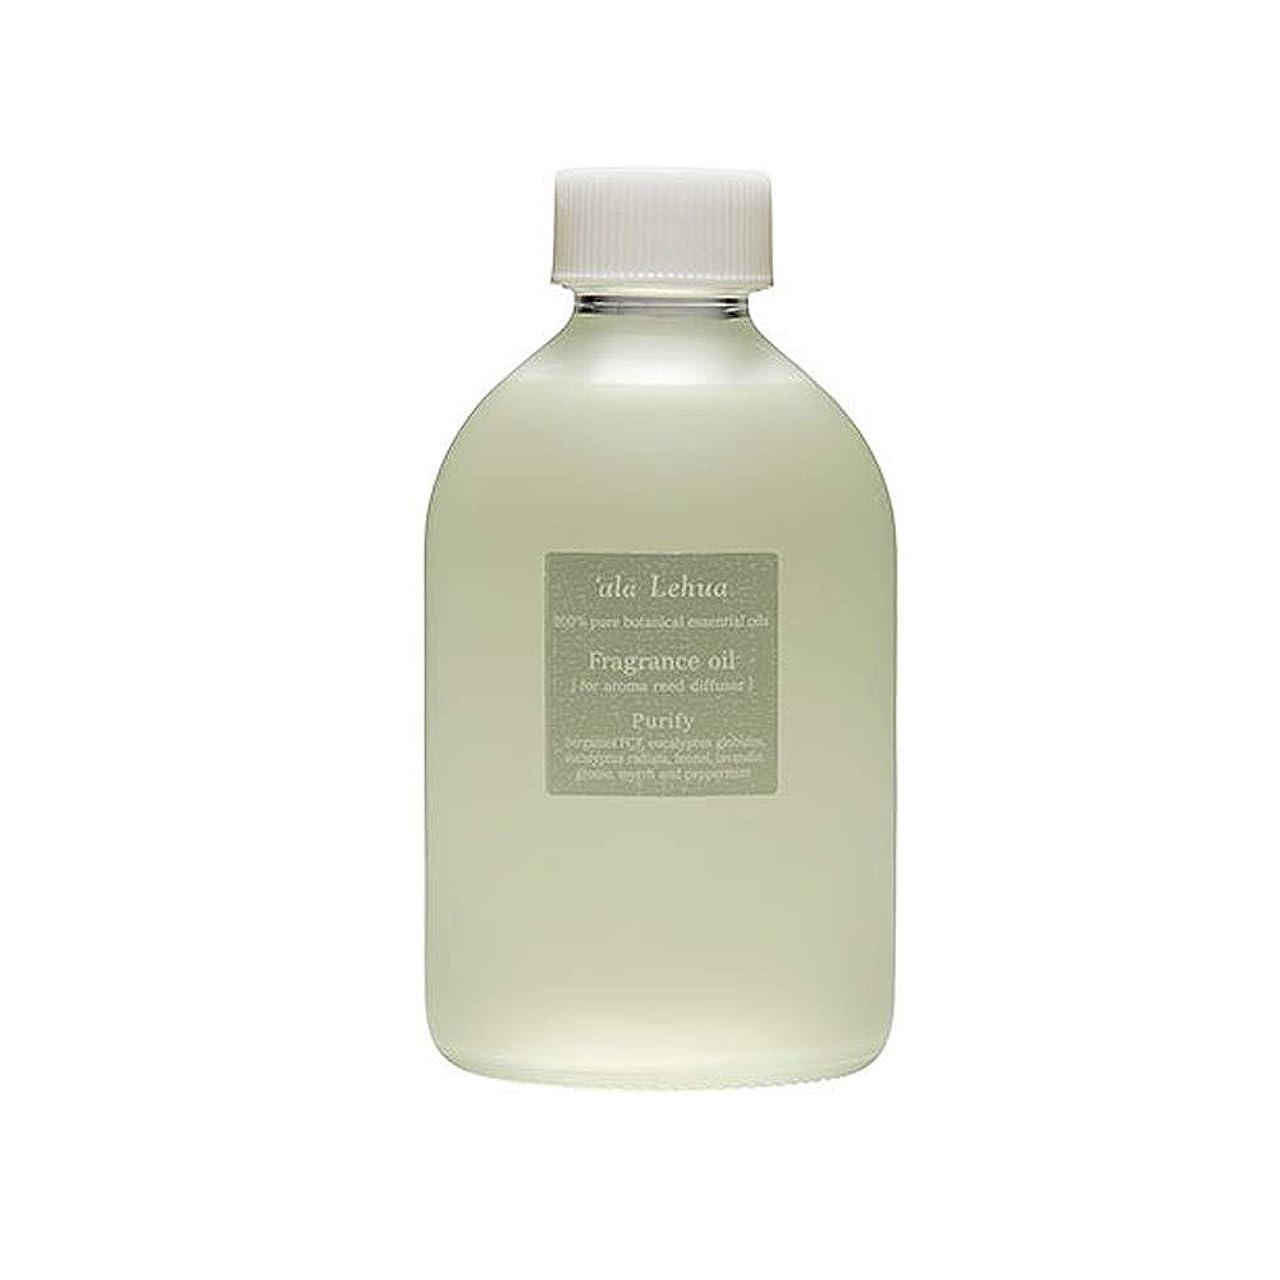 資本主義置き場繁栄`ala Lehua (アラレフア) フレグランスオイル 250ml purify